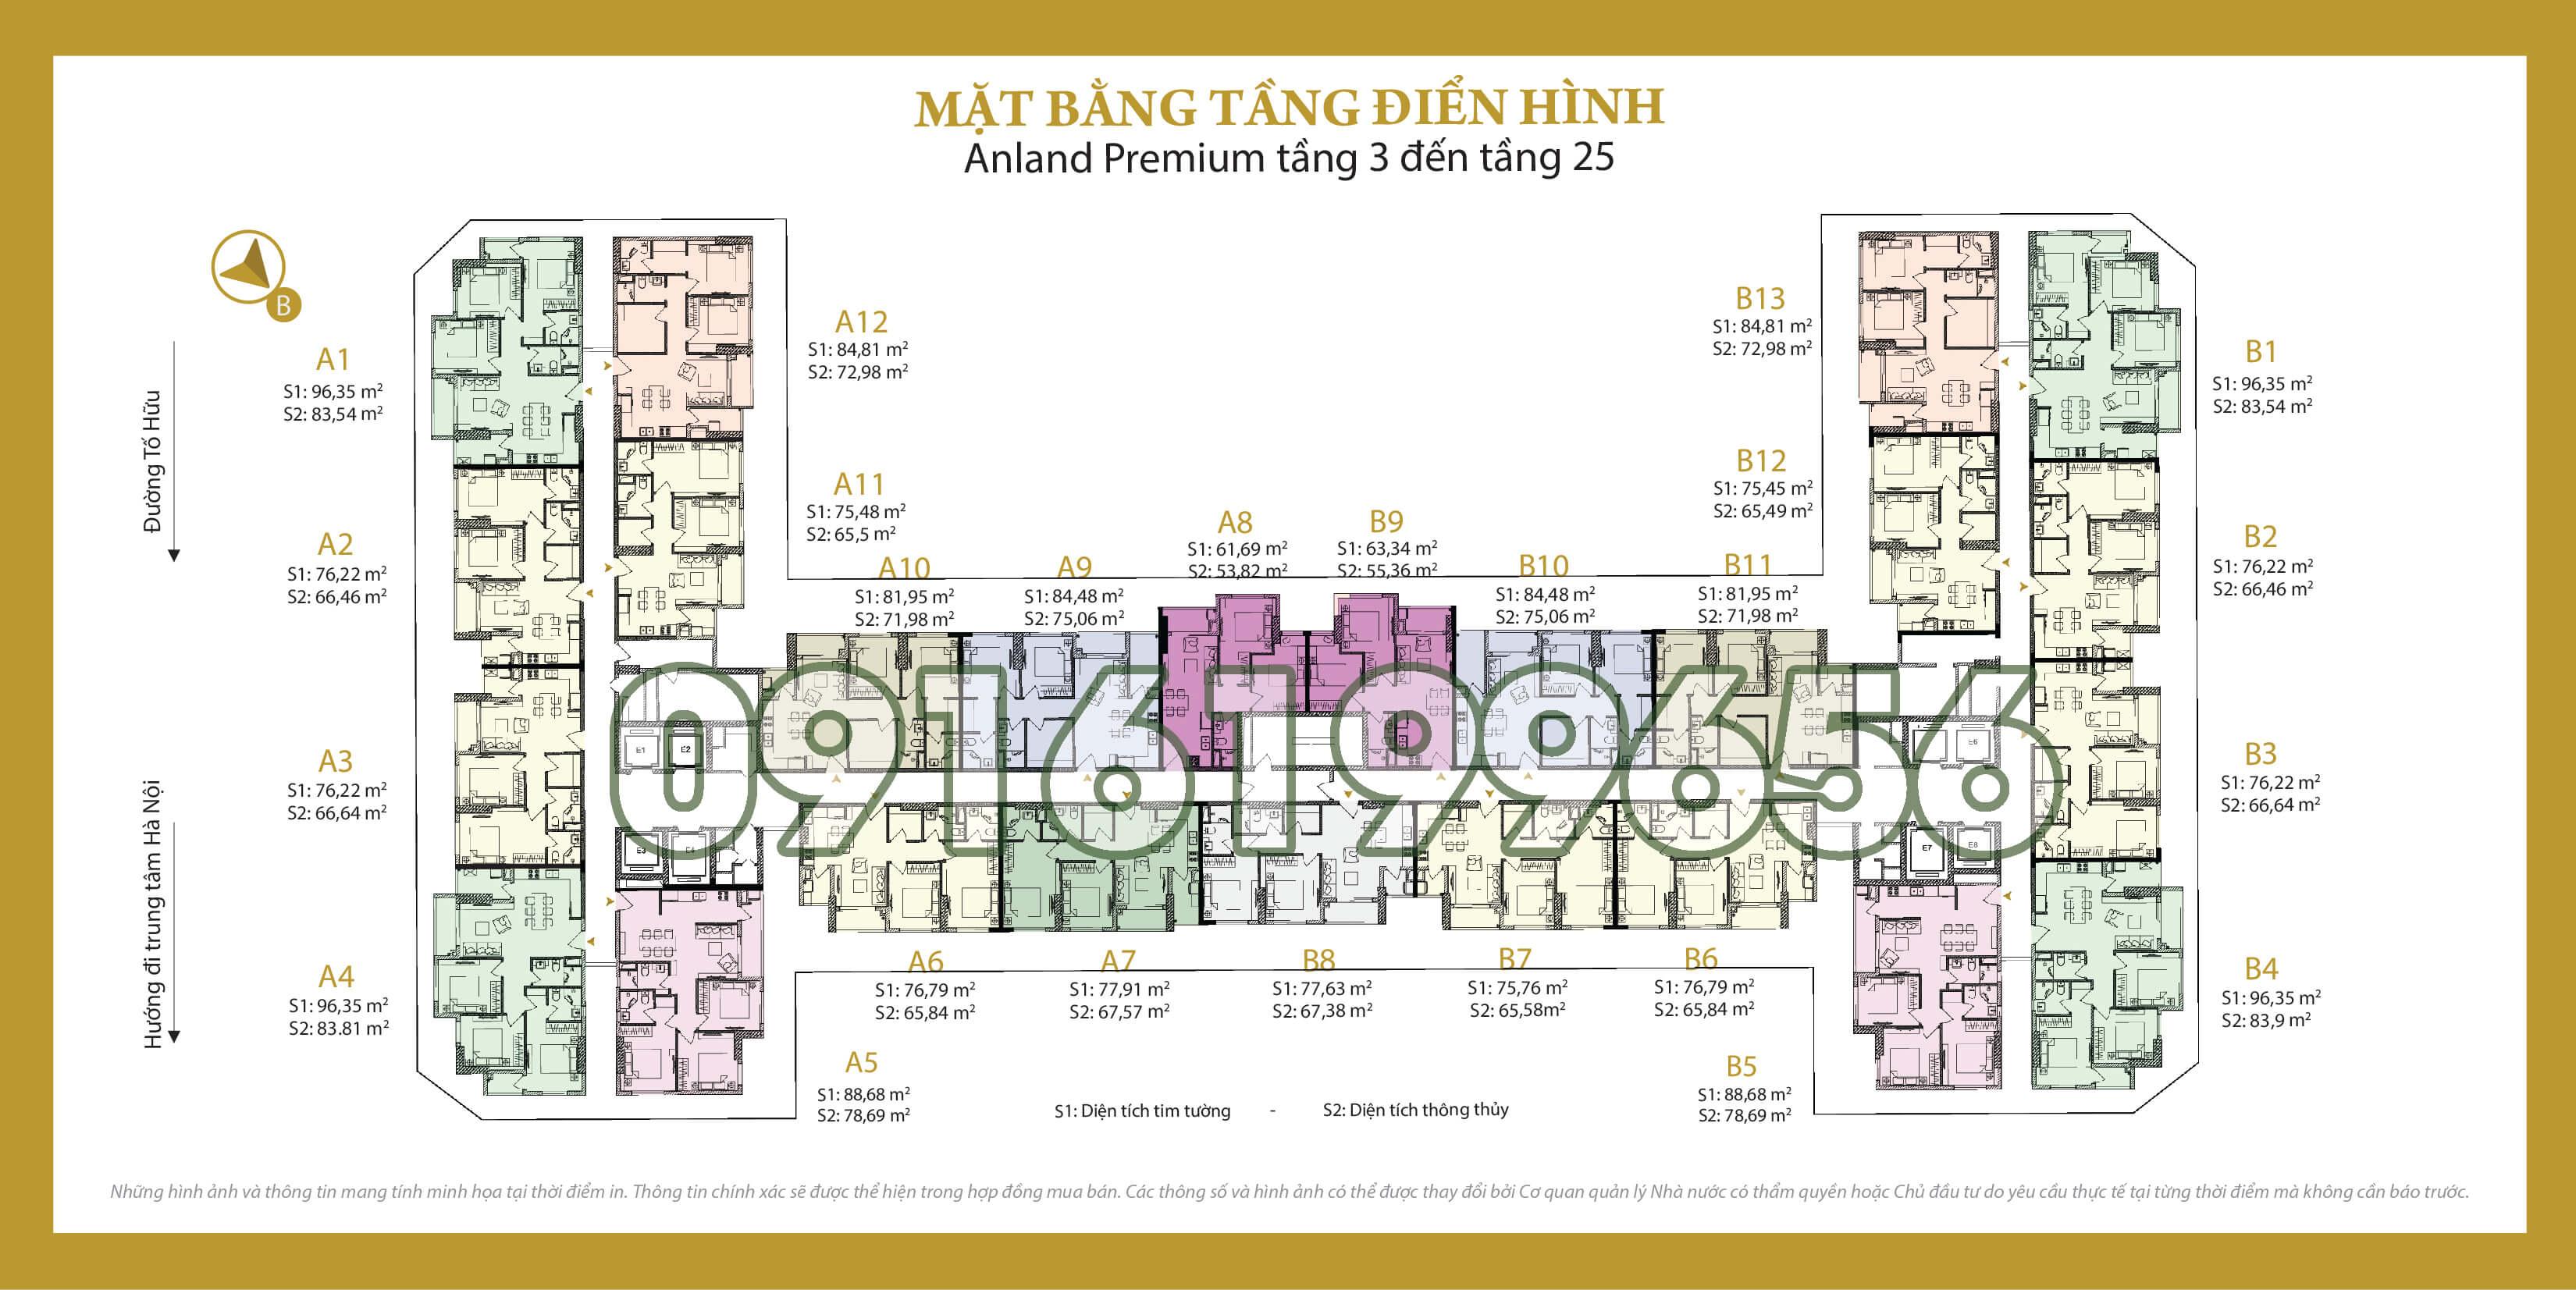 Mặt bằng điển hình chung cư Anland Premium Dương Nội (chung cư Anland 2)